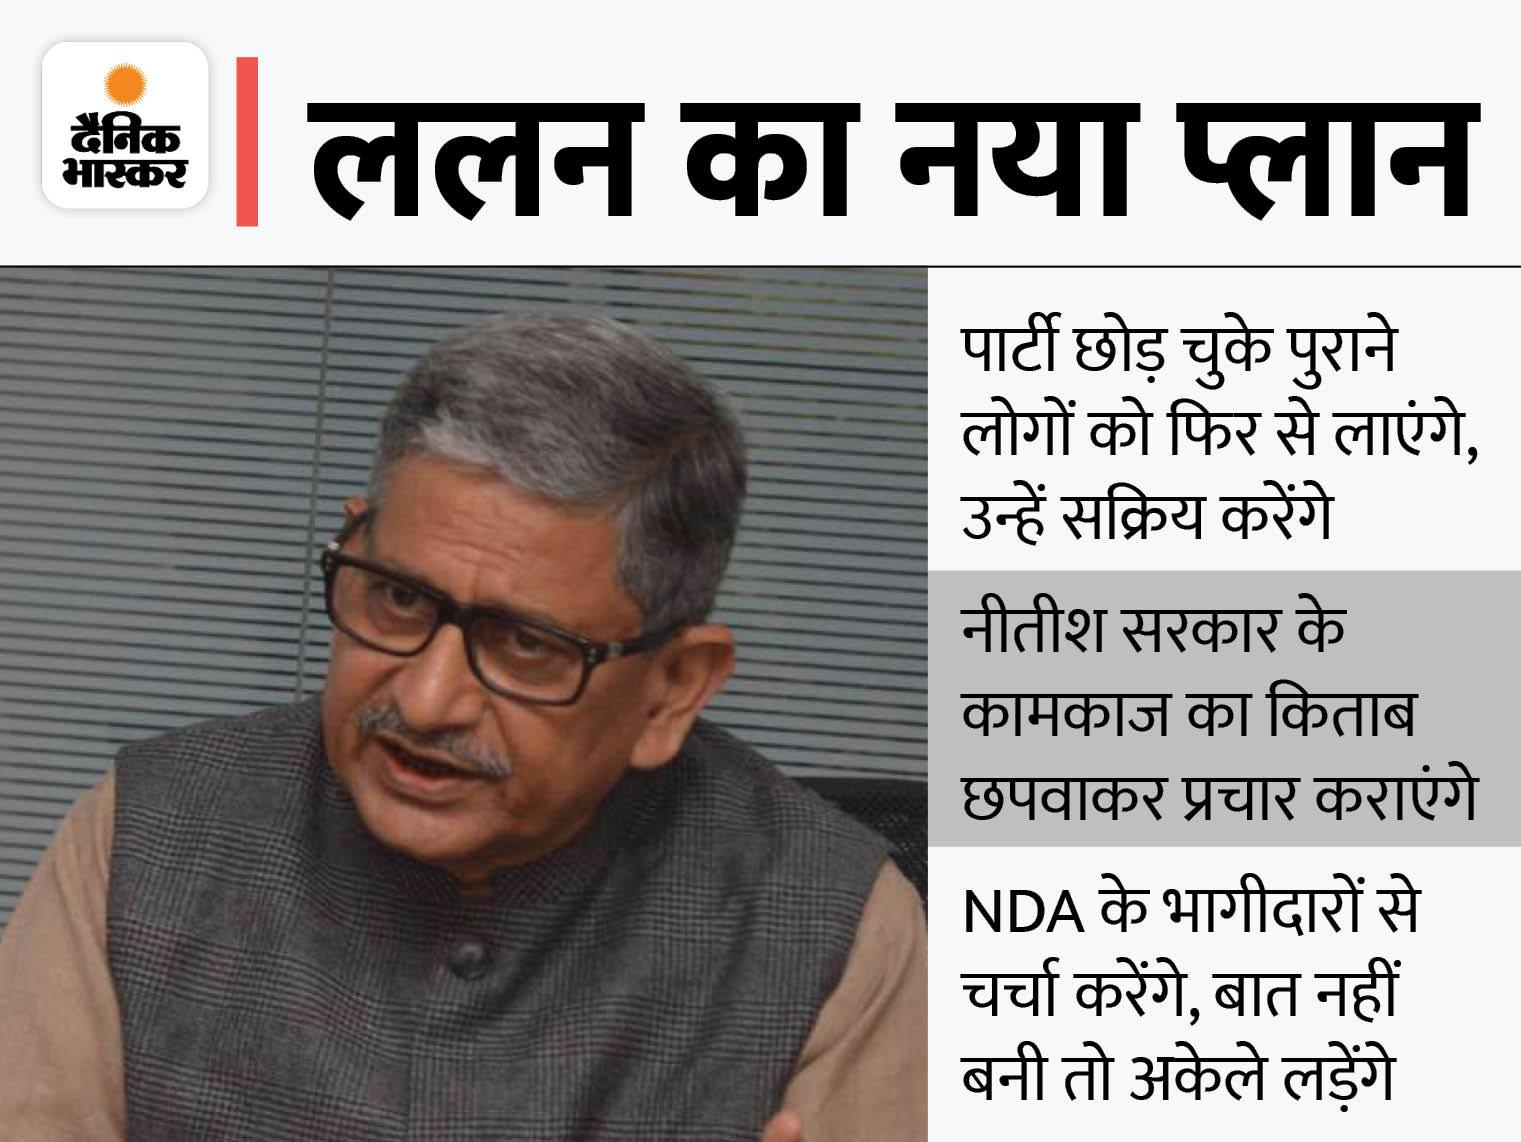 कहा- JDU के कार्यकर्ता किताब पढ़ नीतीश के काम का करेंगे प्रचार, यूपी में गठबंधन से हिस्सेदारी मिलने की उम्मीद बाकी|पटना,Patna - Dainik Bhaskar